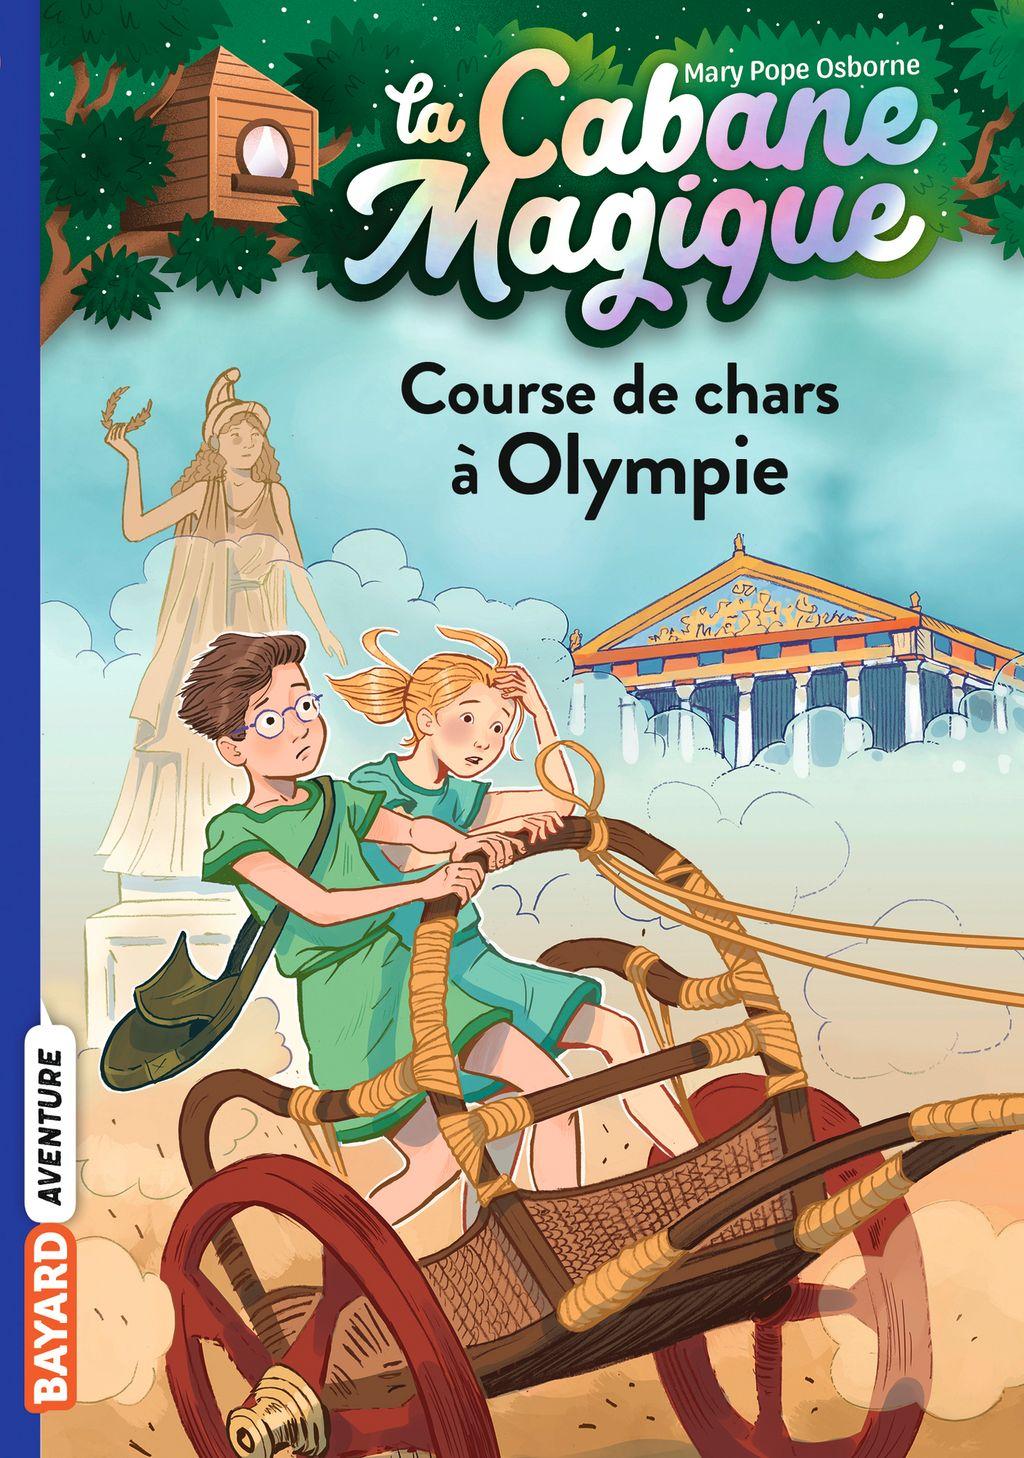 Couverture de «Course de chars à Olympie»